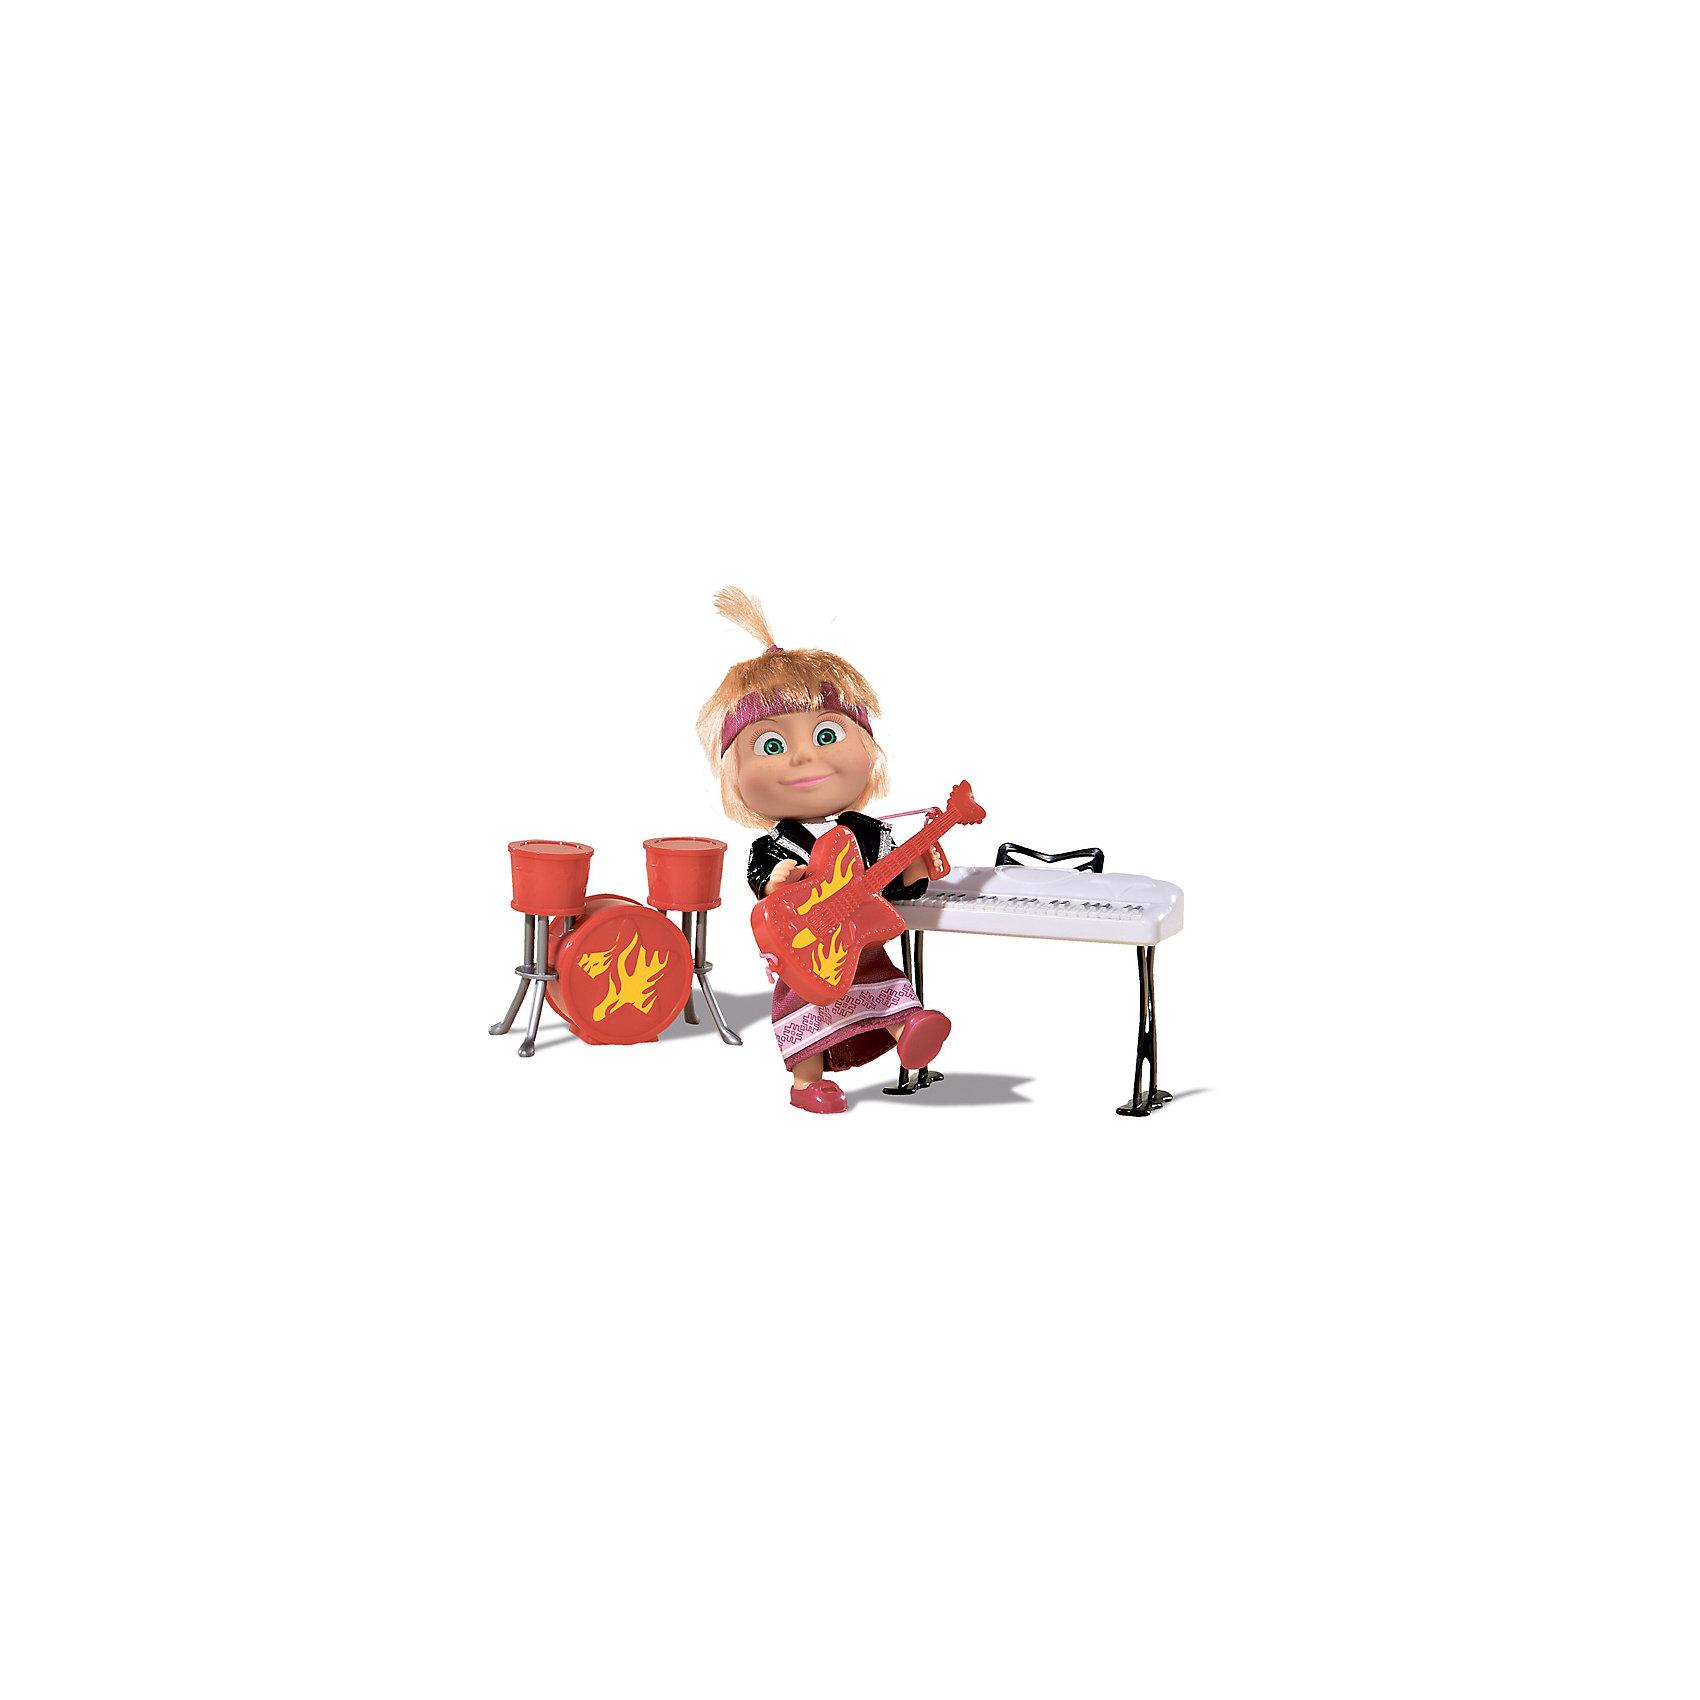 Simba Кукла Маша в рок-наряде, Маша и Медведь, Simba simba кукла маша с кроваткой маша и медведь simba